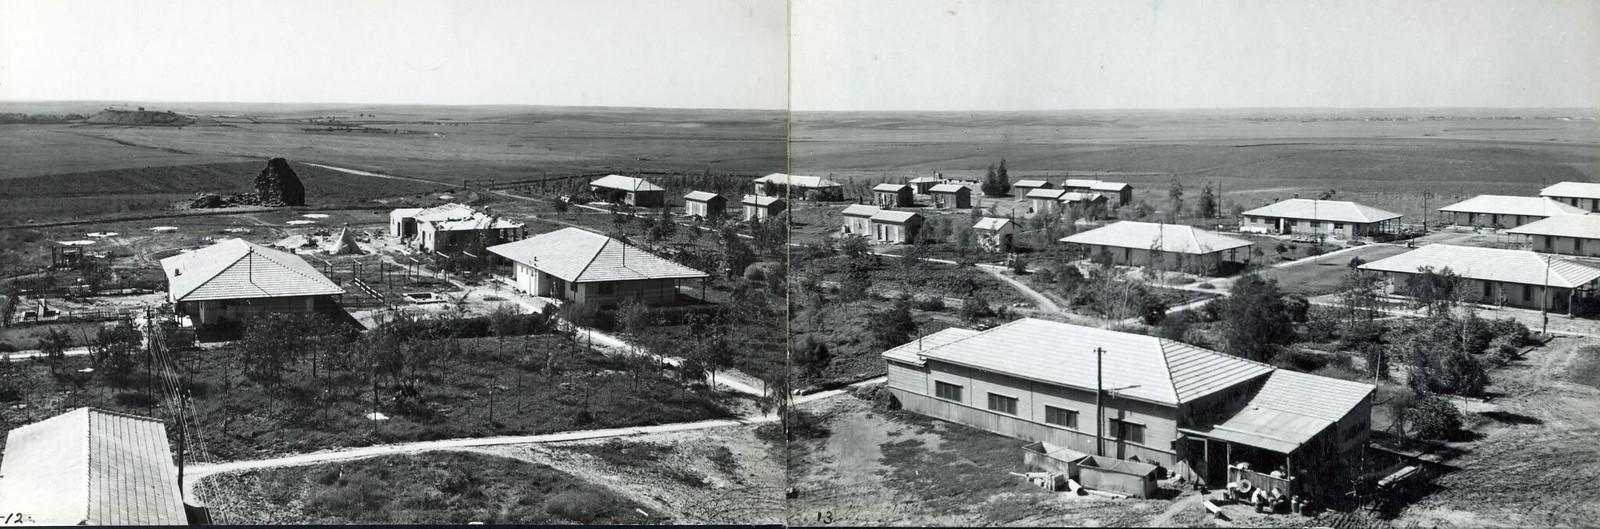 17. 1940. Кибуц Гат, основанный еврейскими иммигрантами из Польши, Югославии и Австрии